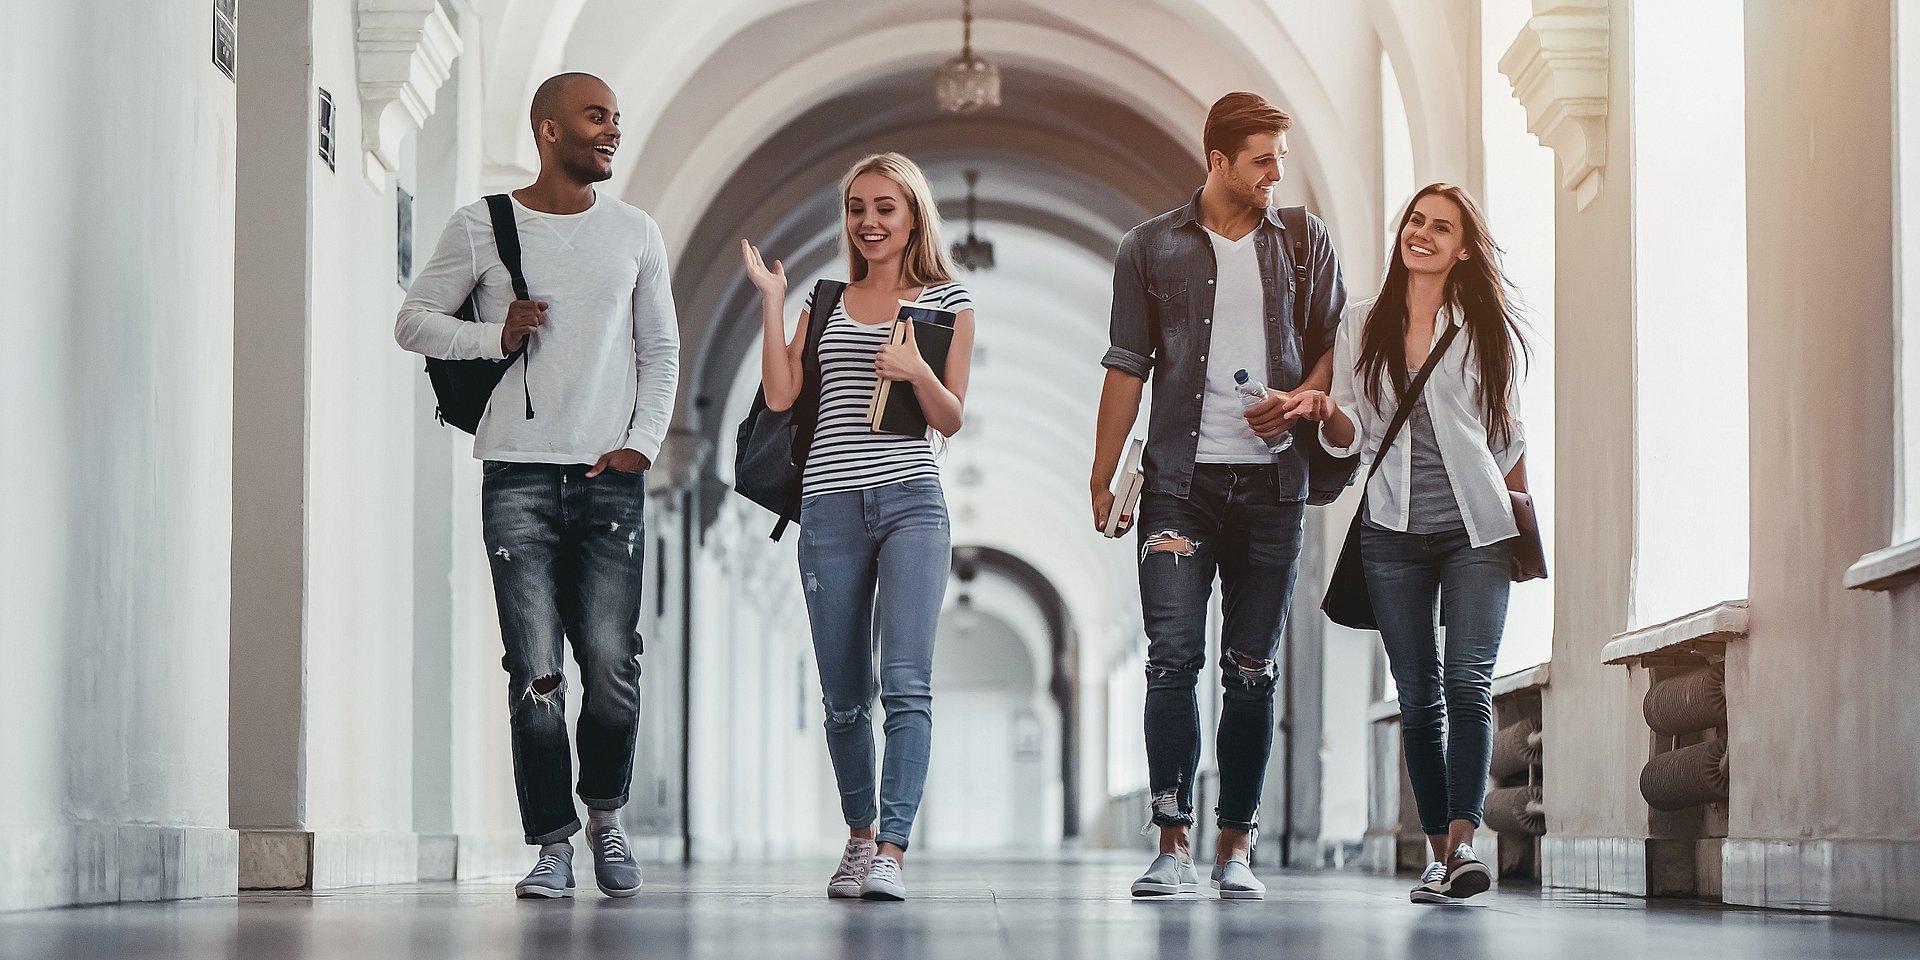 Roche zaprasza studentów i absolwentów do zmierzenia się z wyzwaniami przyszłości